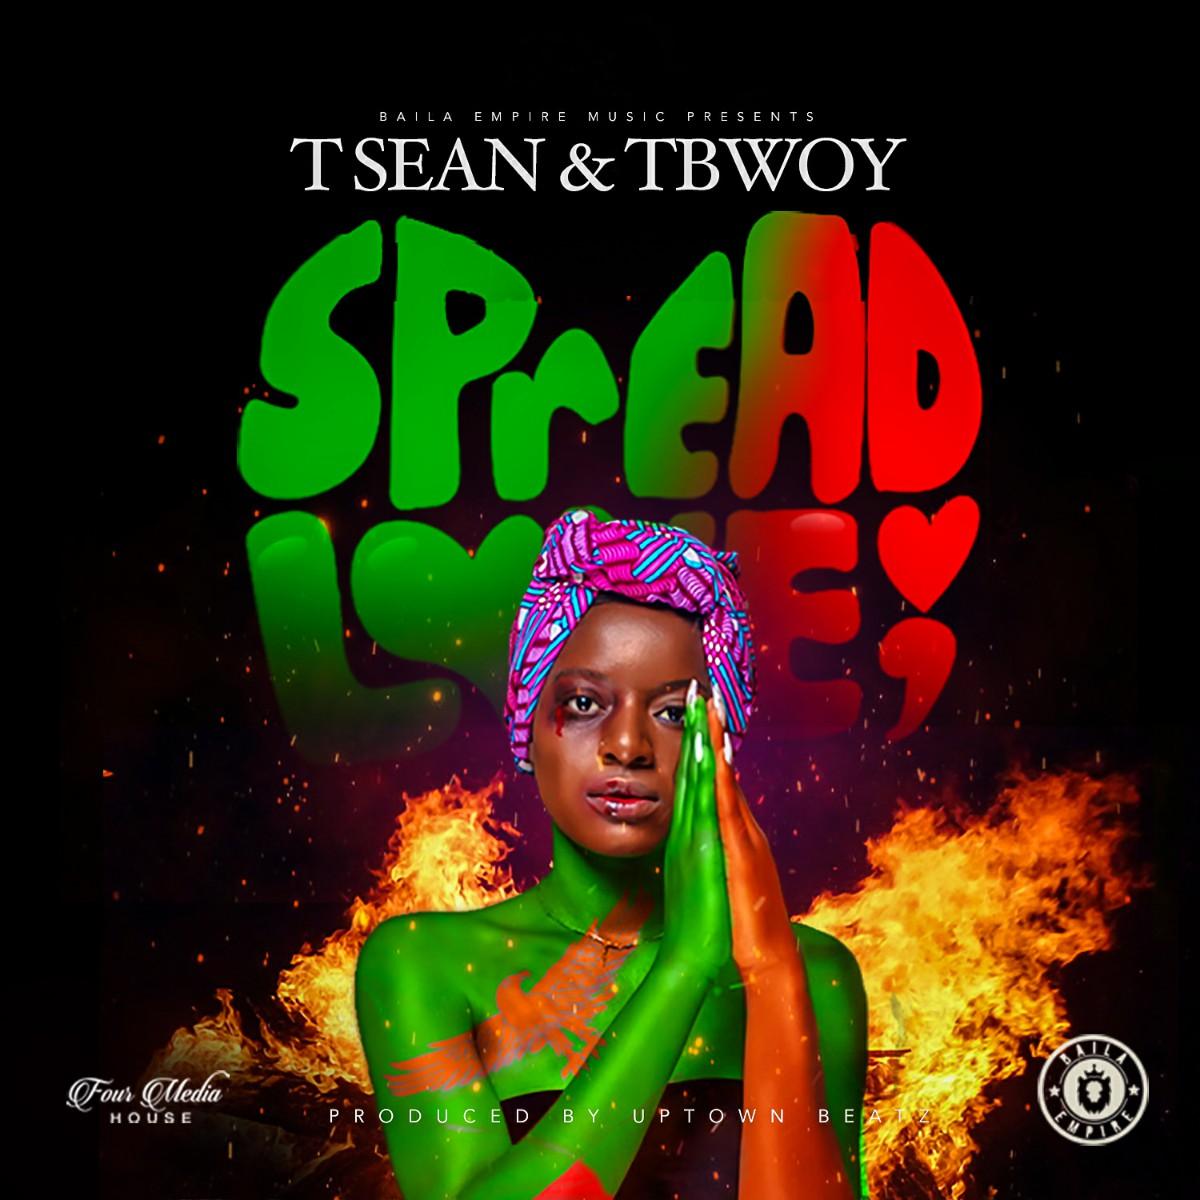 T-Sean & Tbwoy - Spread Love (Prod. Uptown Beats)